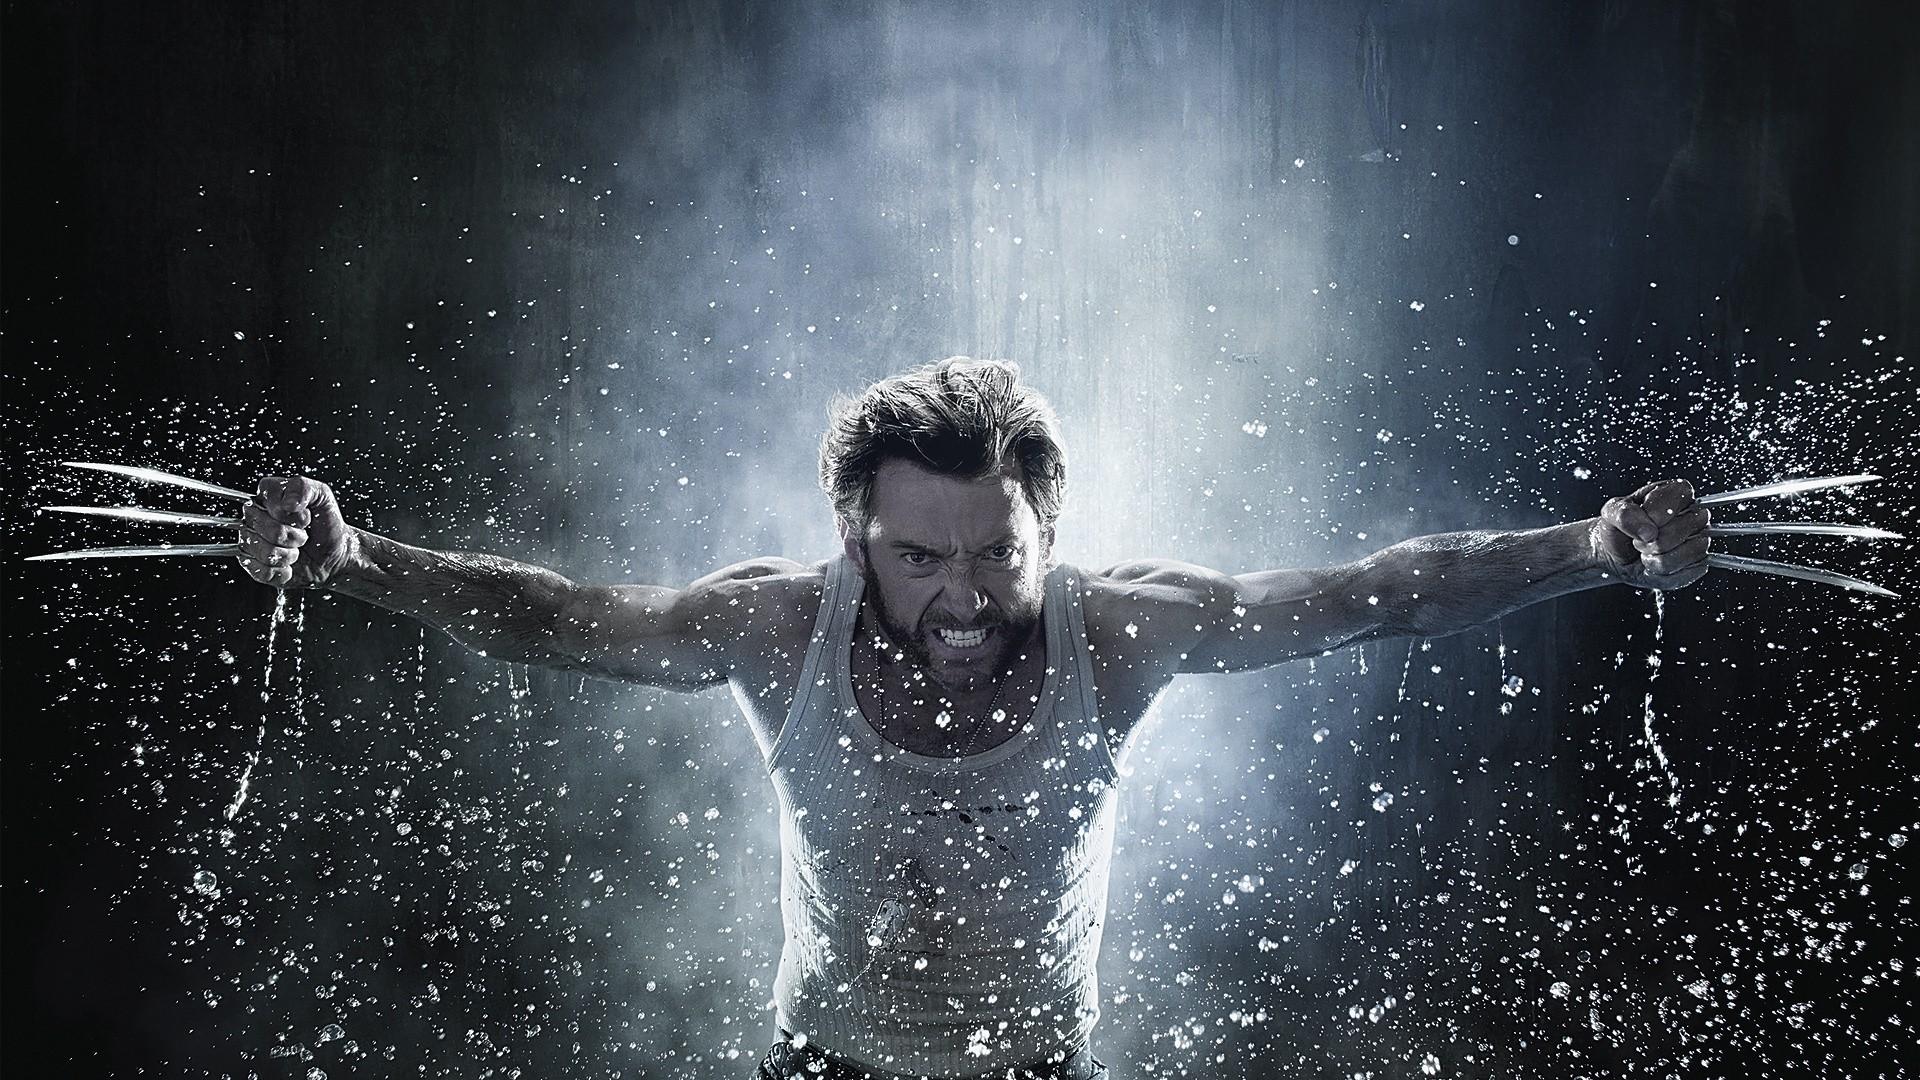 Wallpaper Movies Underwater Hugh Jackman X Men Origins Wolverine Darkness Computer Wallpaper 1920x1080 Phailmachine 228968 Hd Wallpapers Wallhere